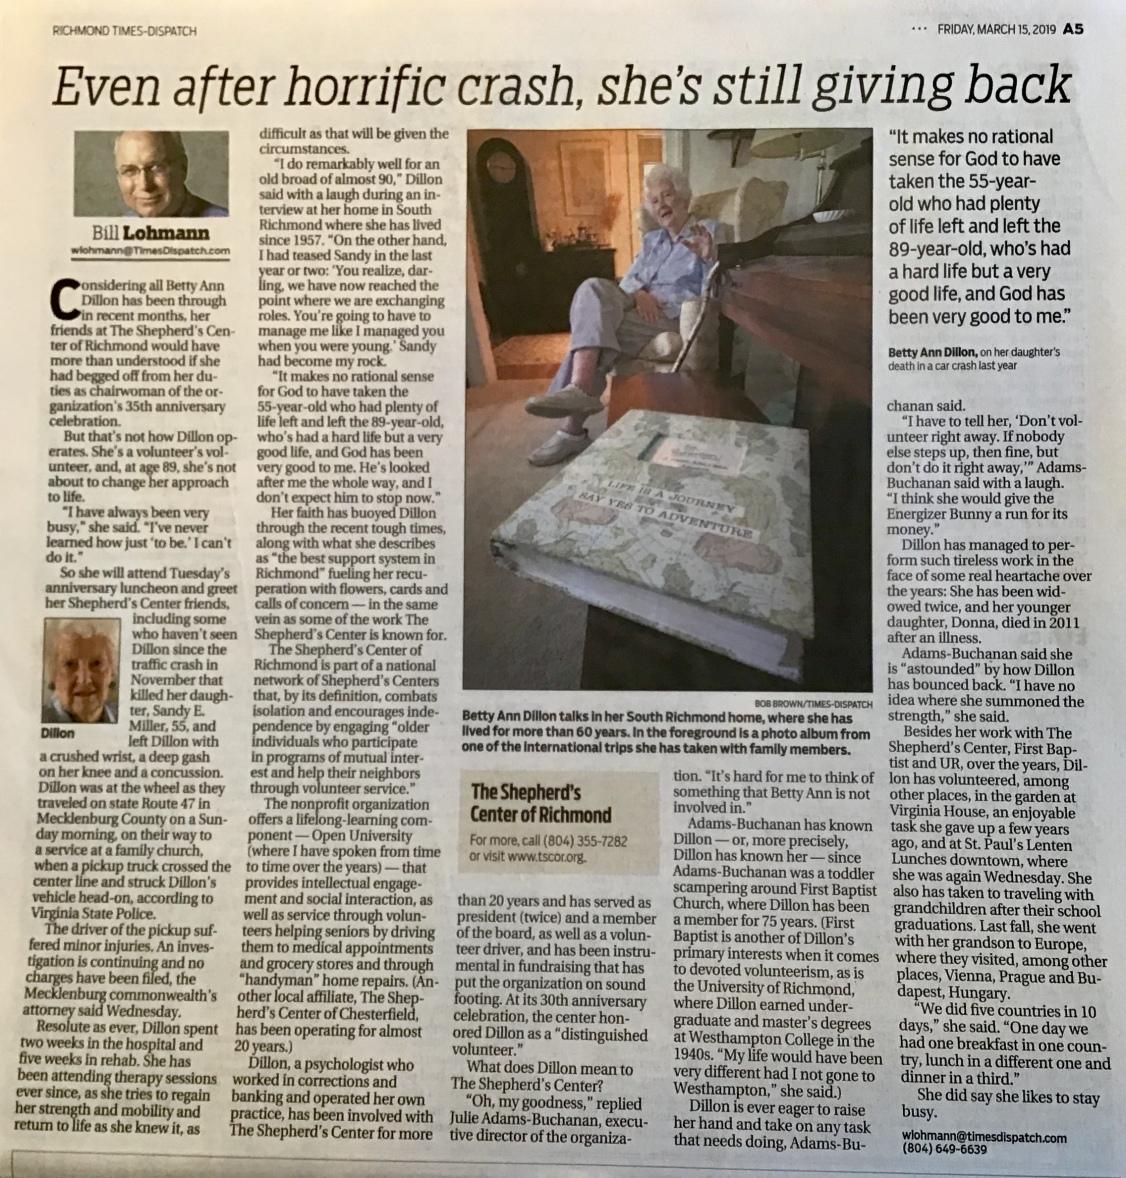 Lohmann article about Betty Ann Dillon